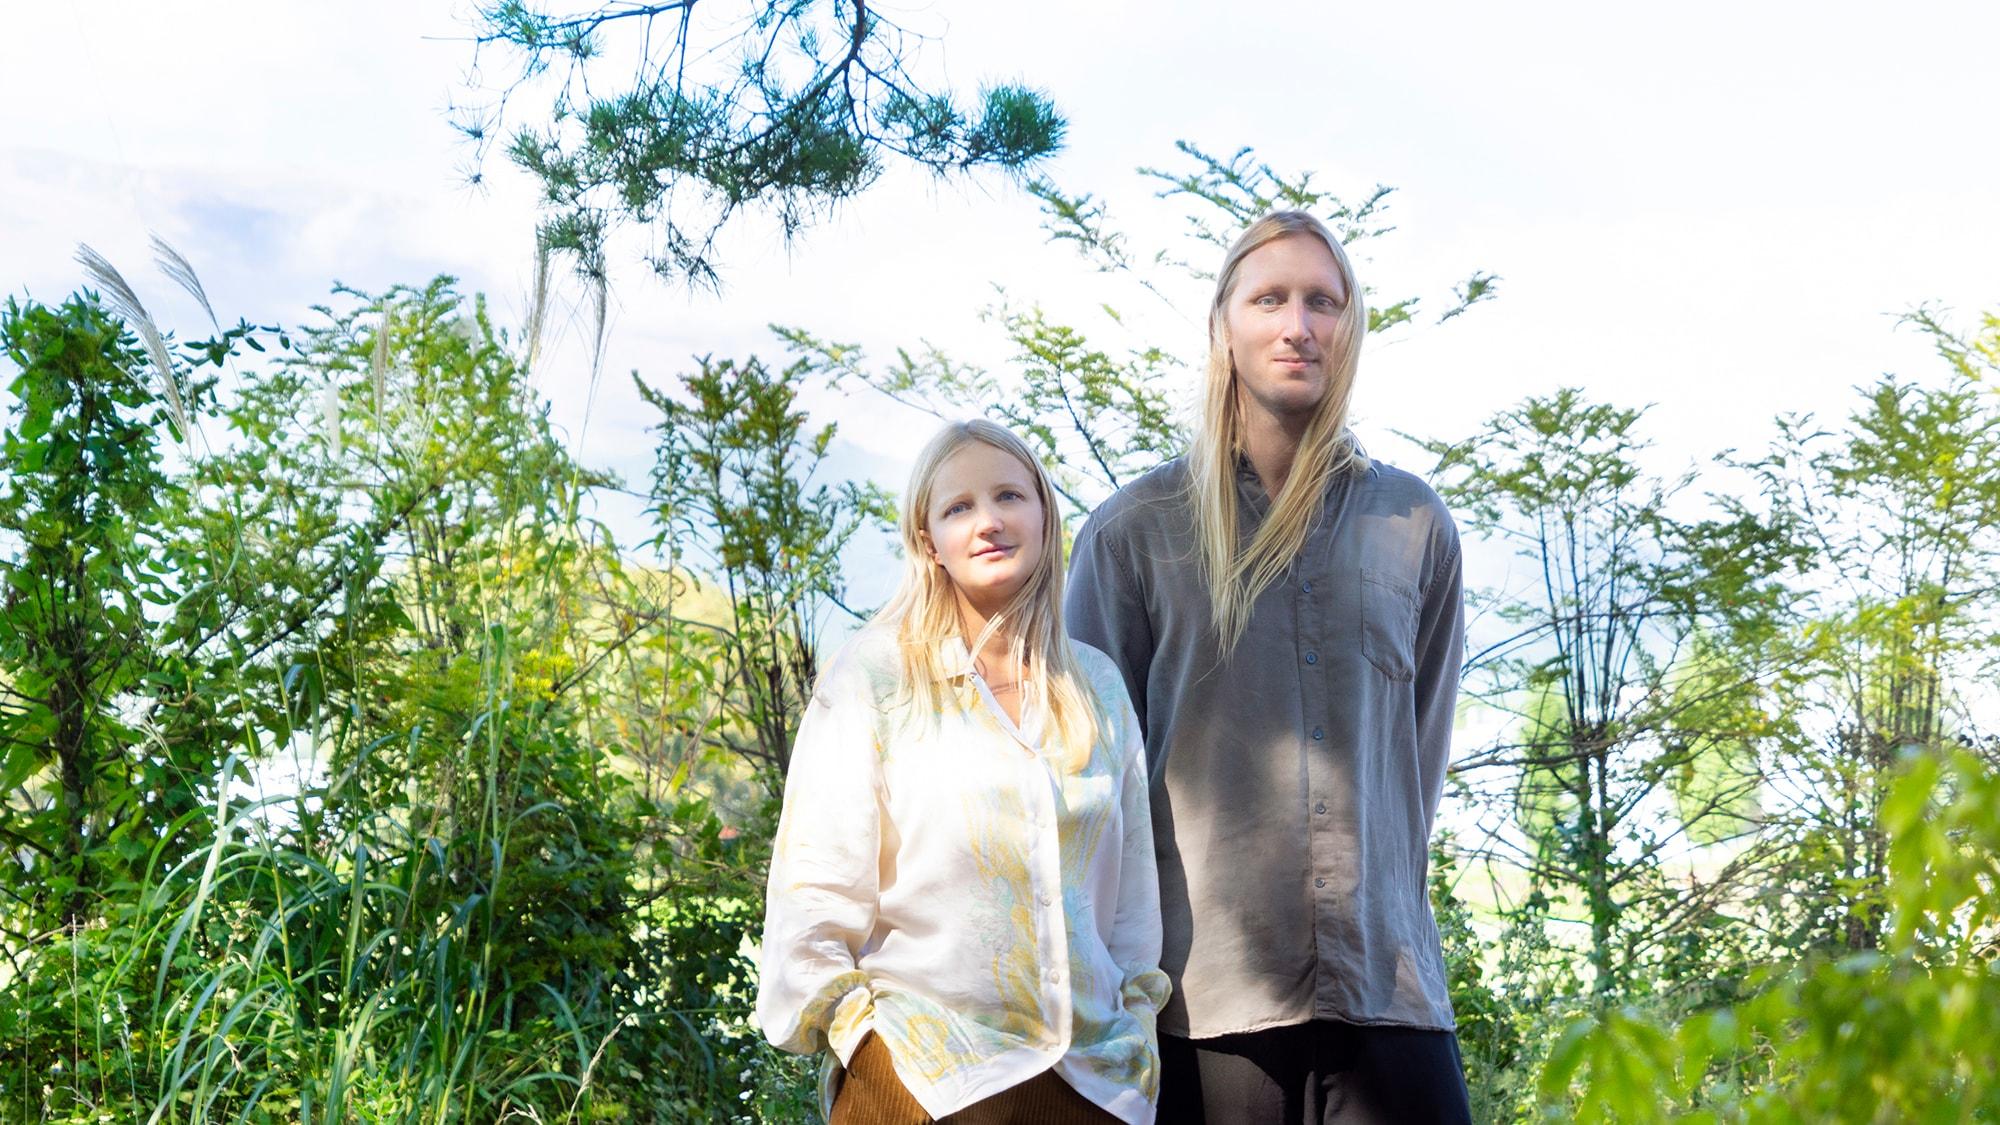 インカ&ニクラスインタヴュー「スウェーデン人写真ユニットが問いかける、現代人と自然の新しい関係性」 | インカ&ニクラス